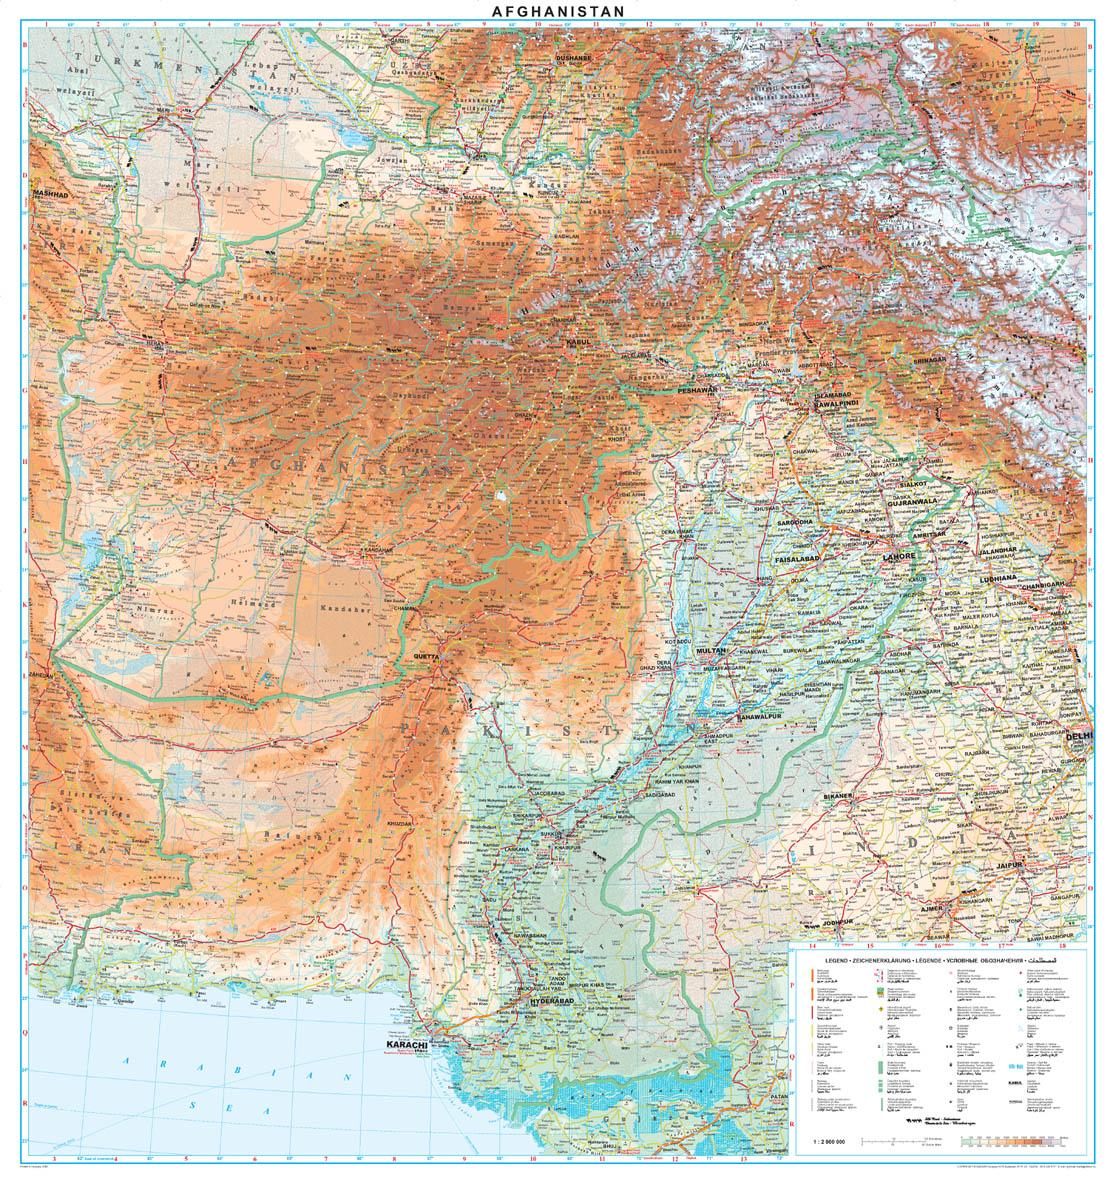 Afganisztán áttekintő térkép